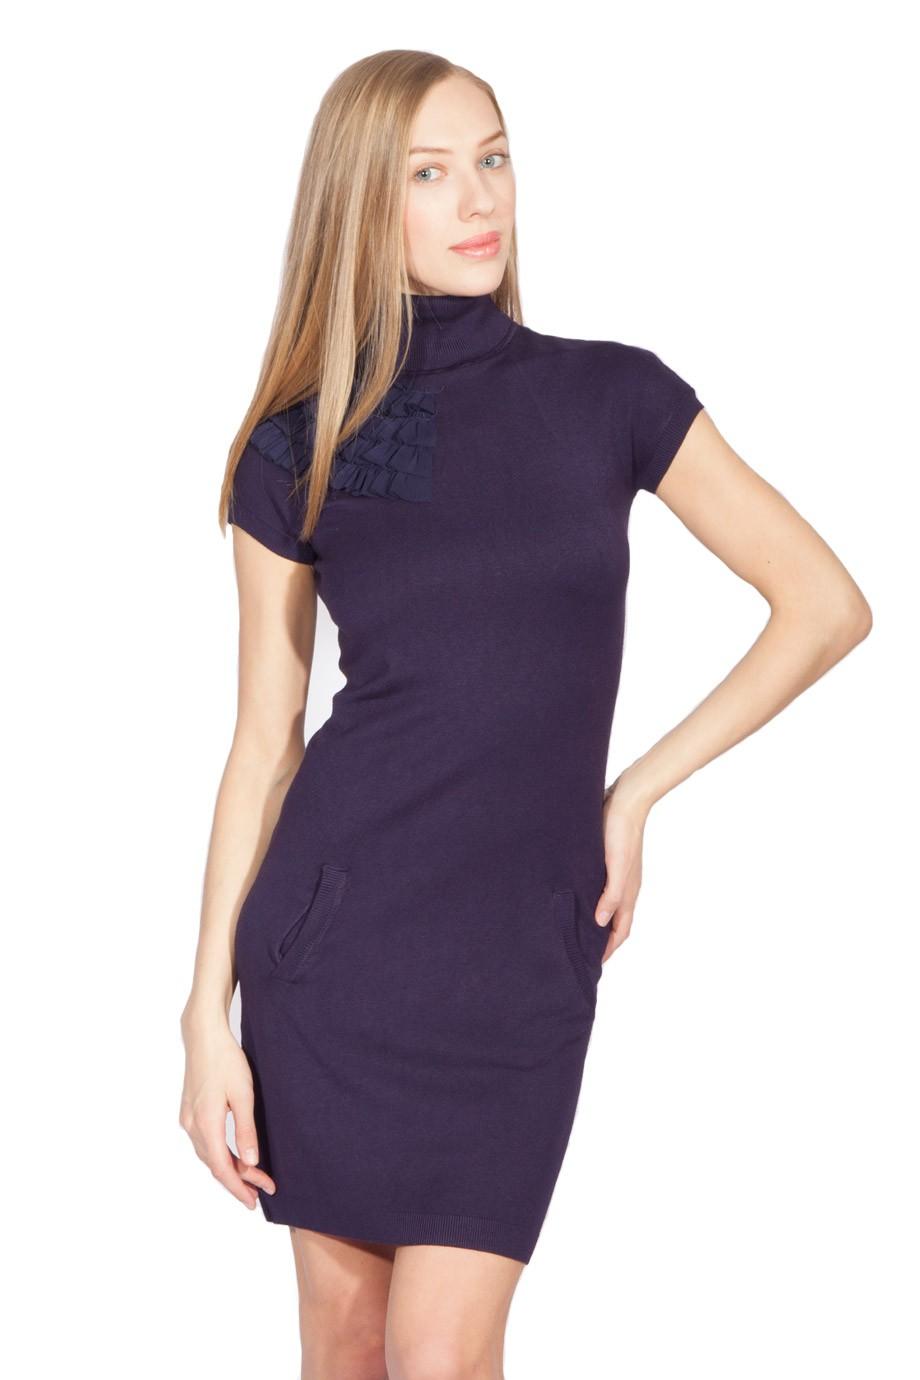 Модные вечерние платья 2019-2020: платье трикотажное по колено короткий рукав